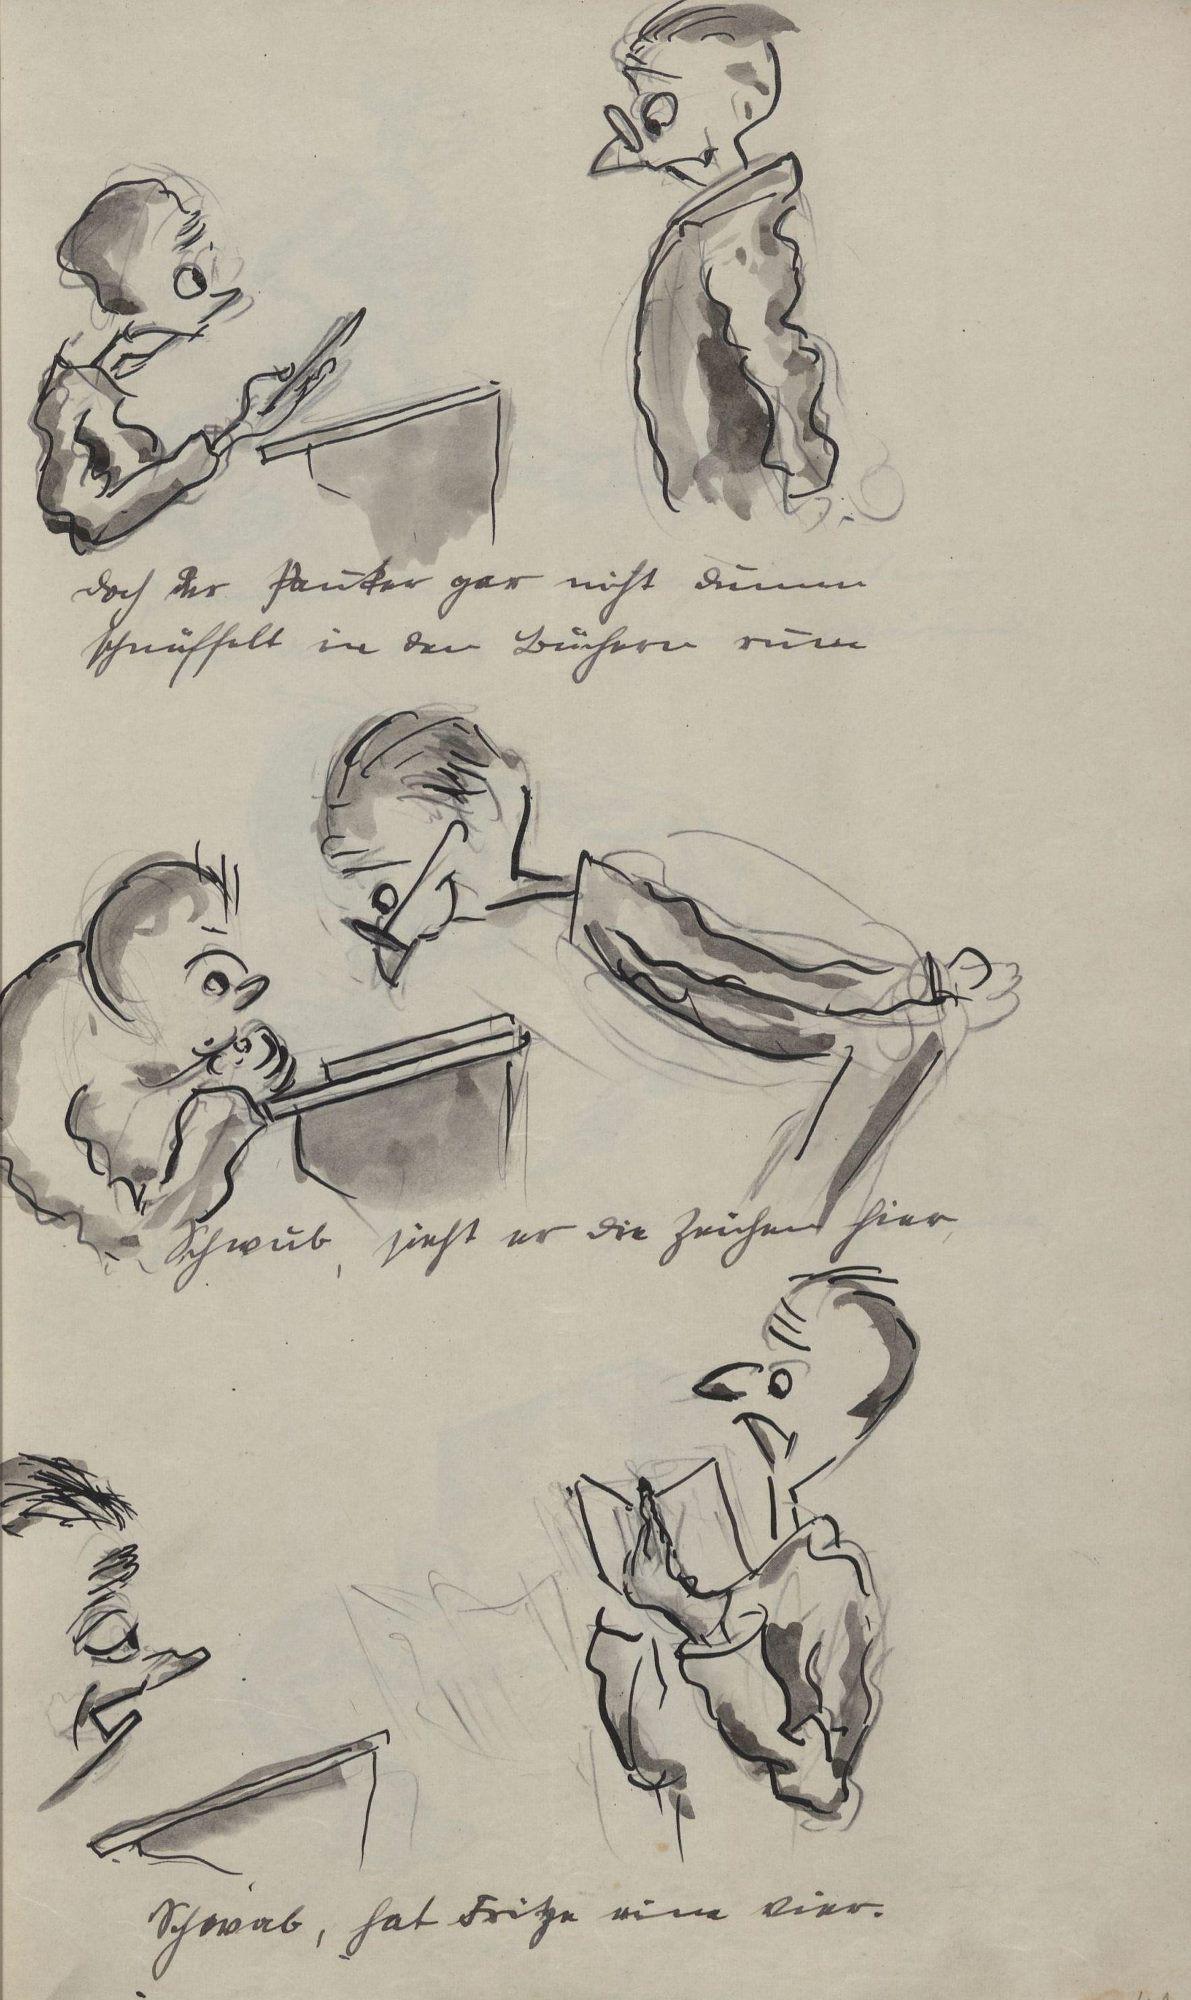 doch der Pauker gar nicht dumm schnüffelt in den Büchern rum Schwub, sieht er die Zeichen hier Schwab, hat Fritze eine Vier